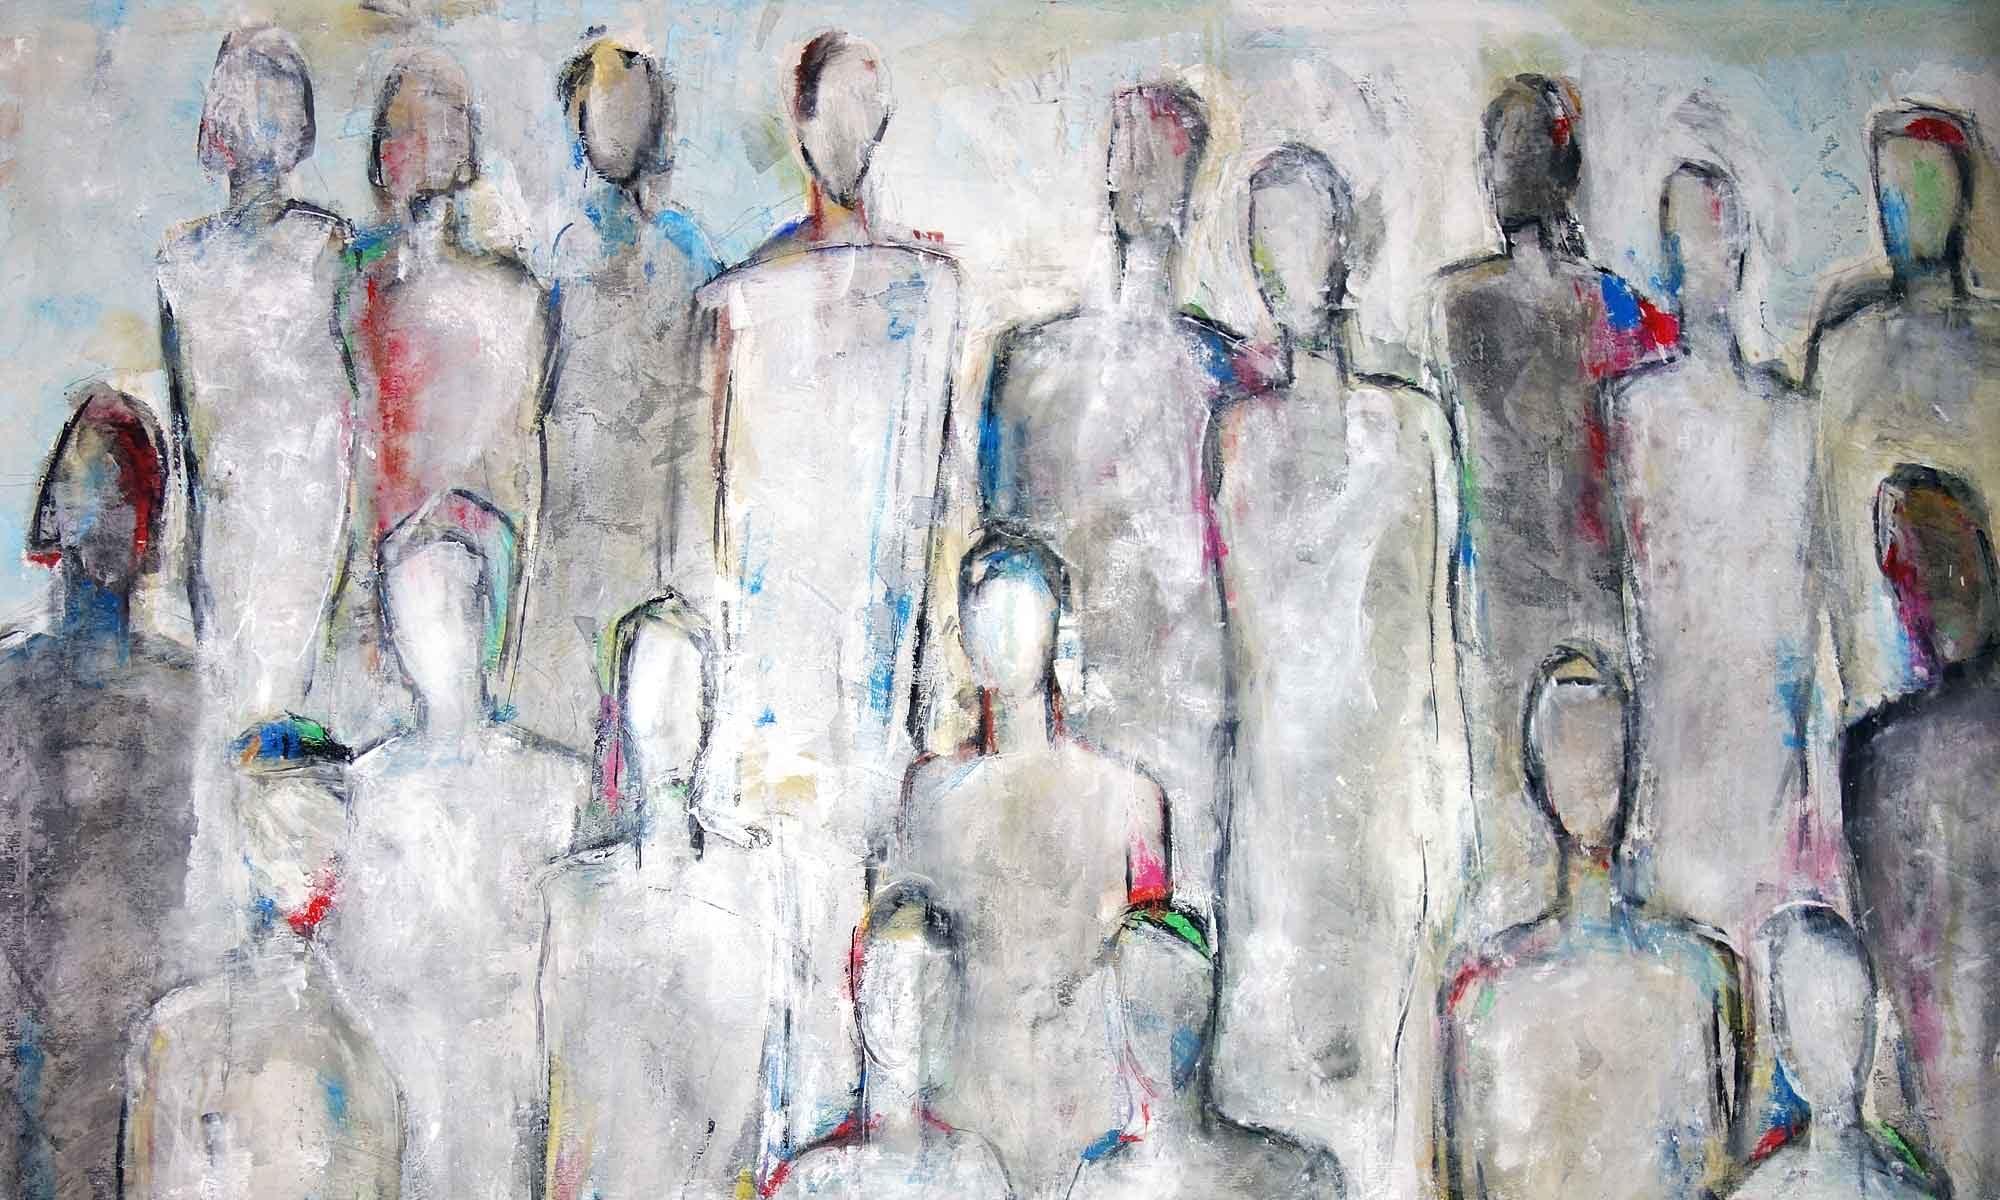 Junge Kunst preiswert kaufen